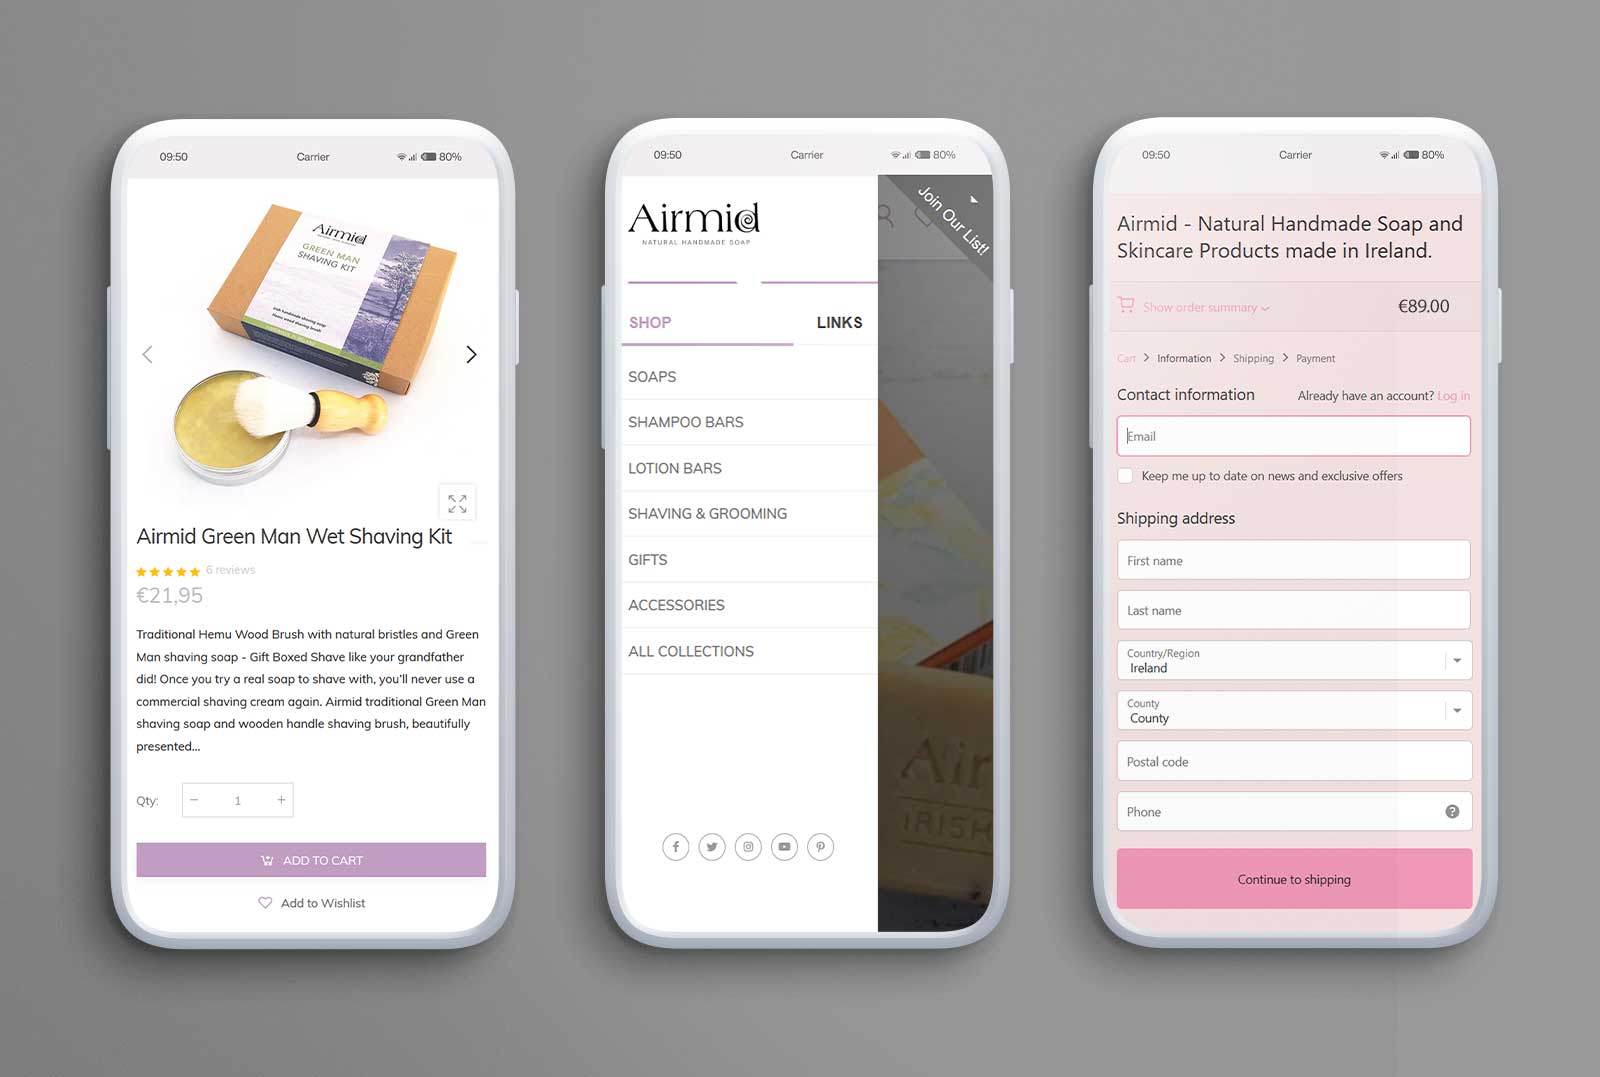 Three Displays UI Design On Smartphone